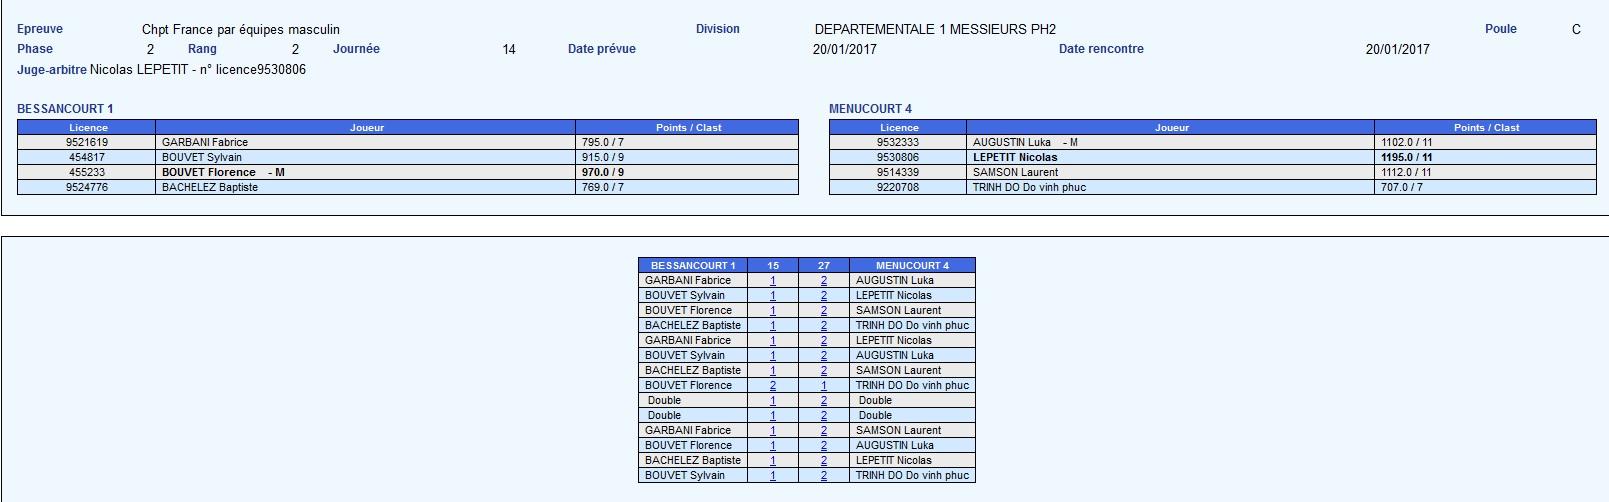 Bessancourt Menucourt